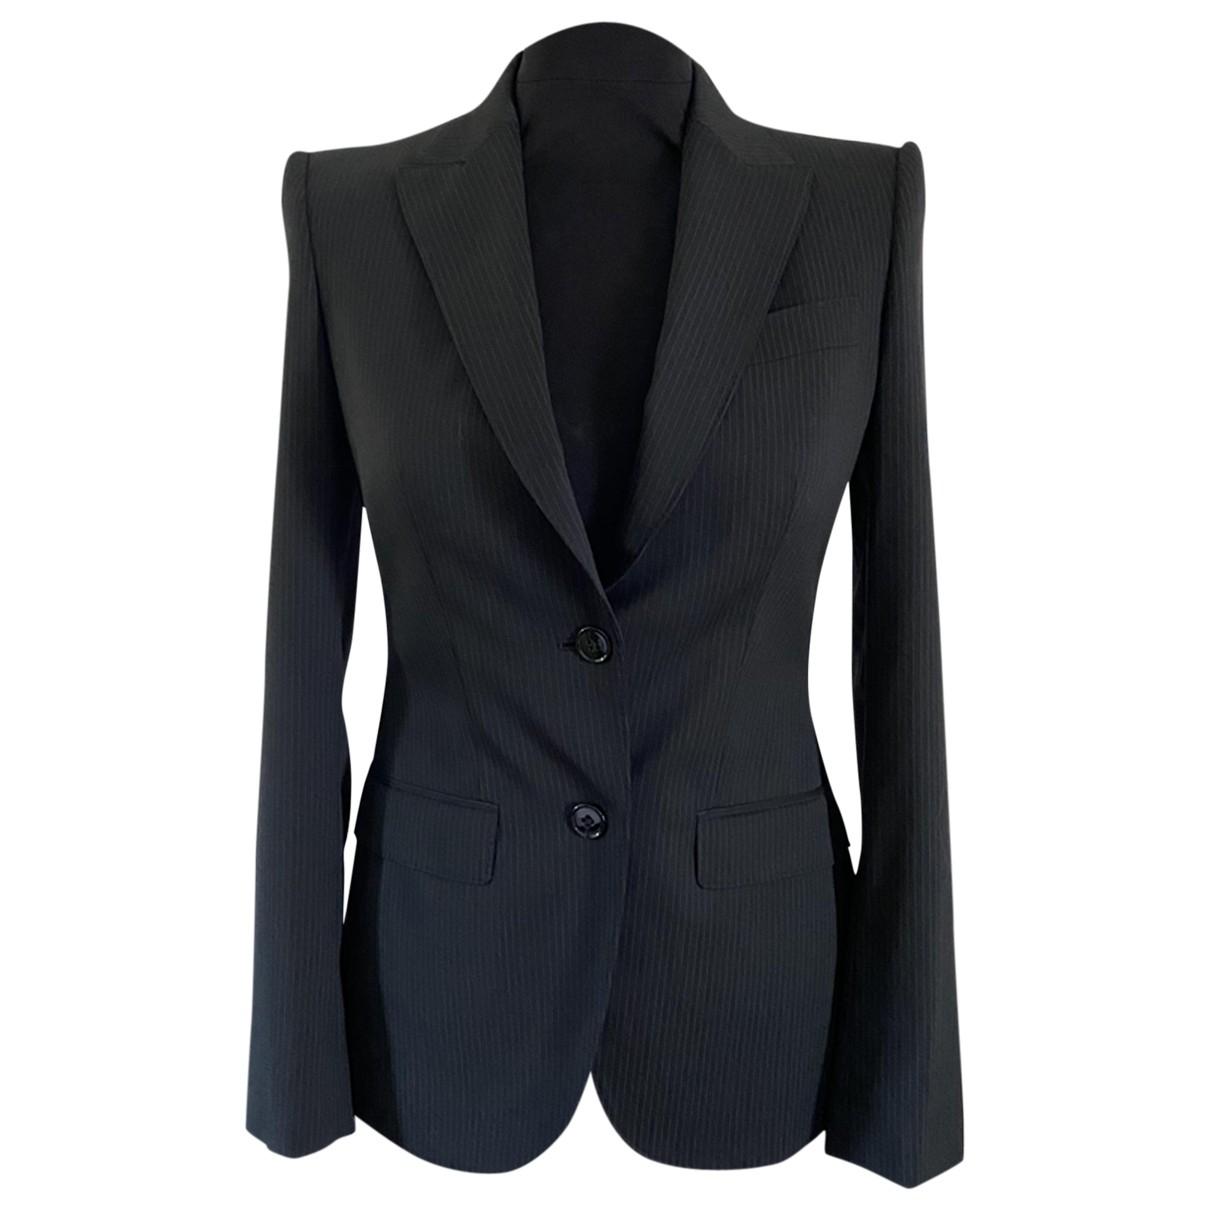 Dolce & Gabbana \N Grey jacket for Women 36 IT